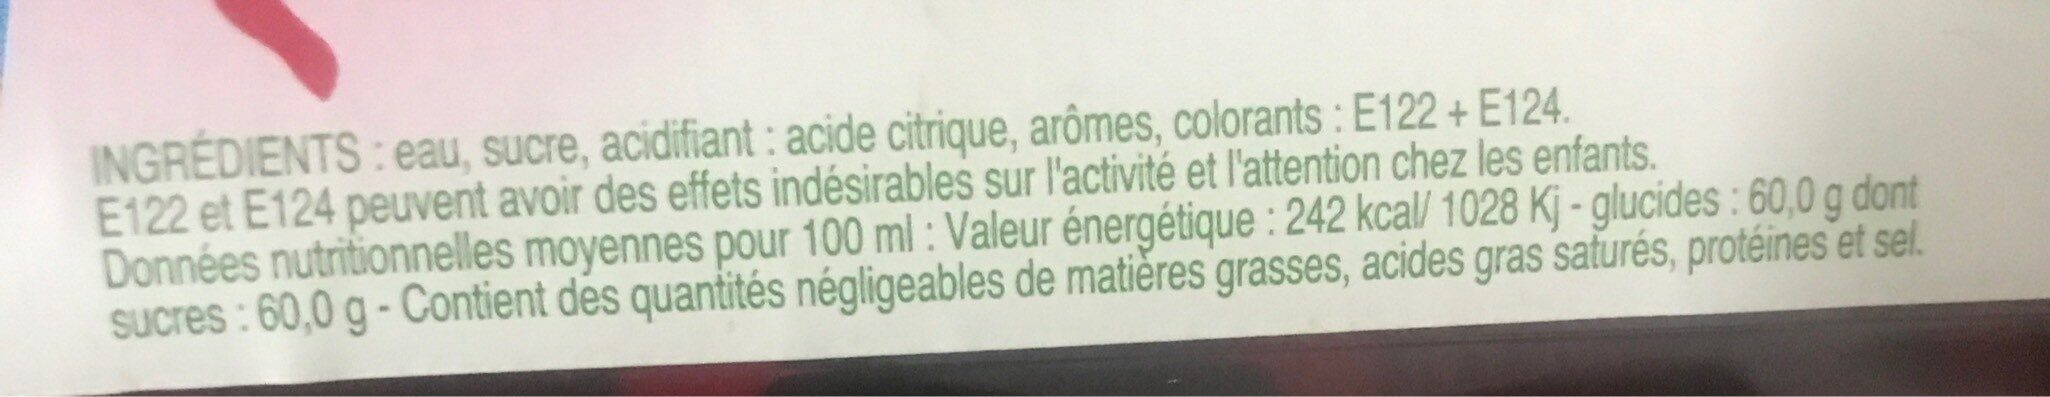 Sirop De Grenadine 1 Litre - Voedingswaarden - fr